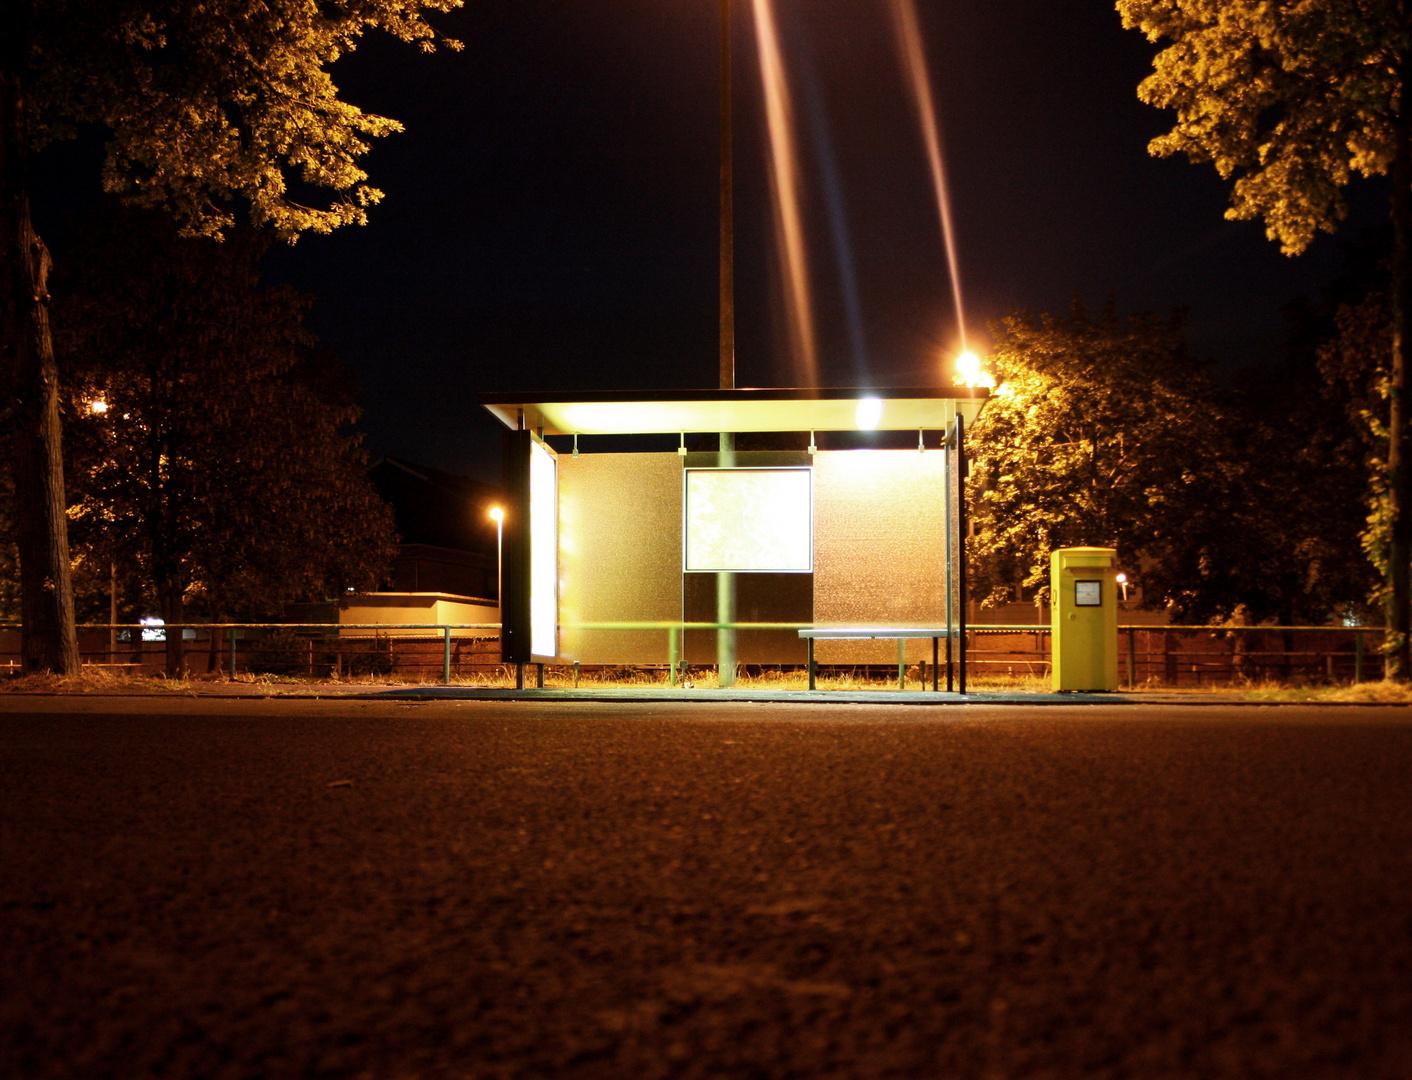 Haltestelle bei Nacht